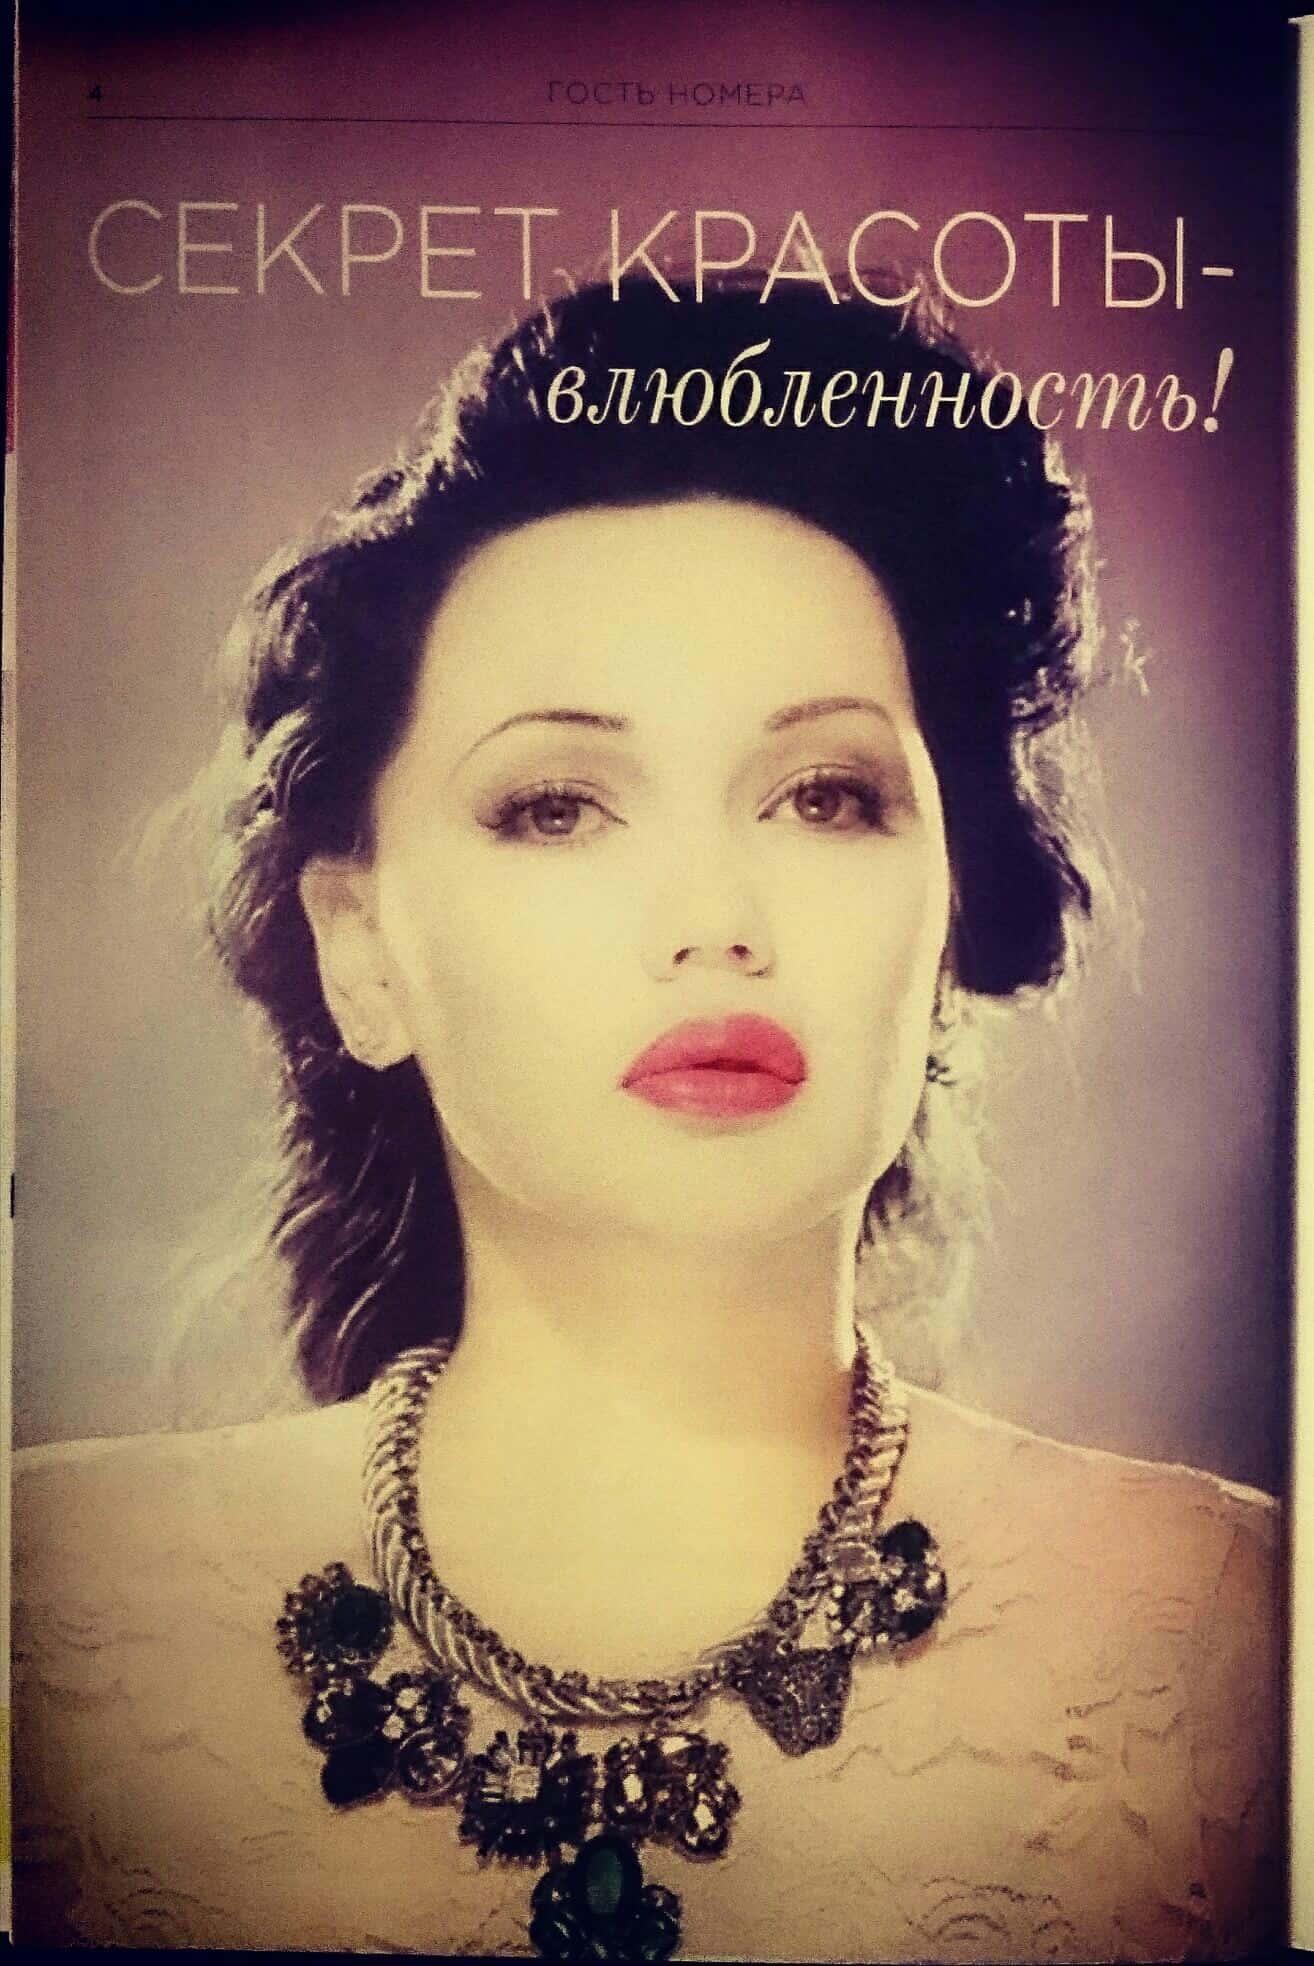 Секрет красоты - влюблённость!